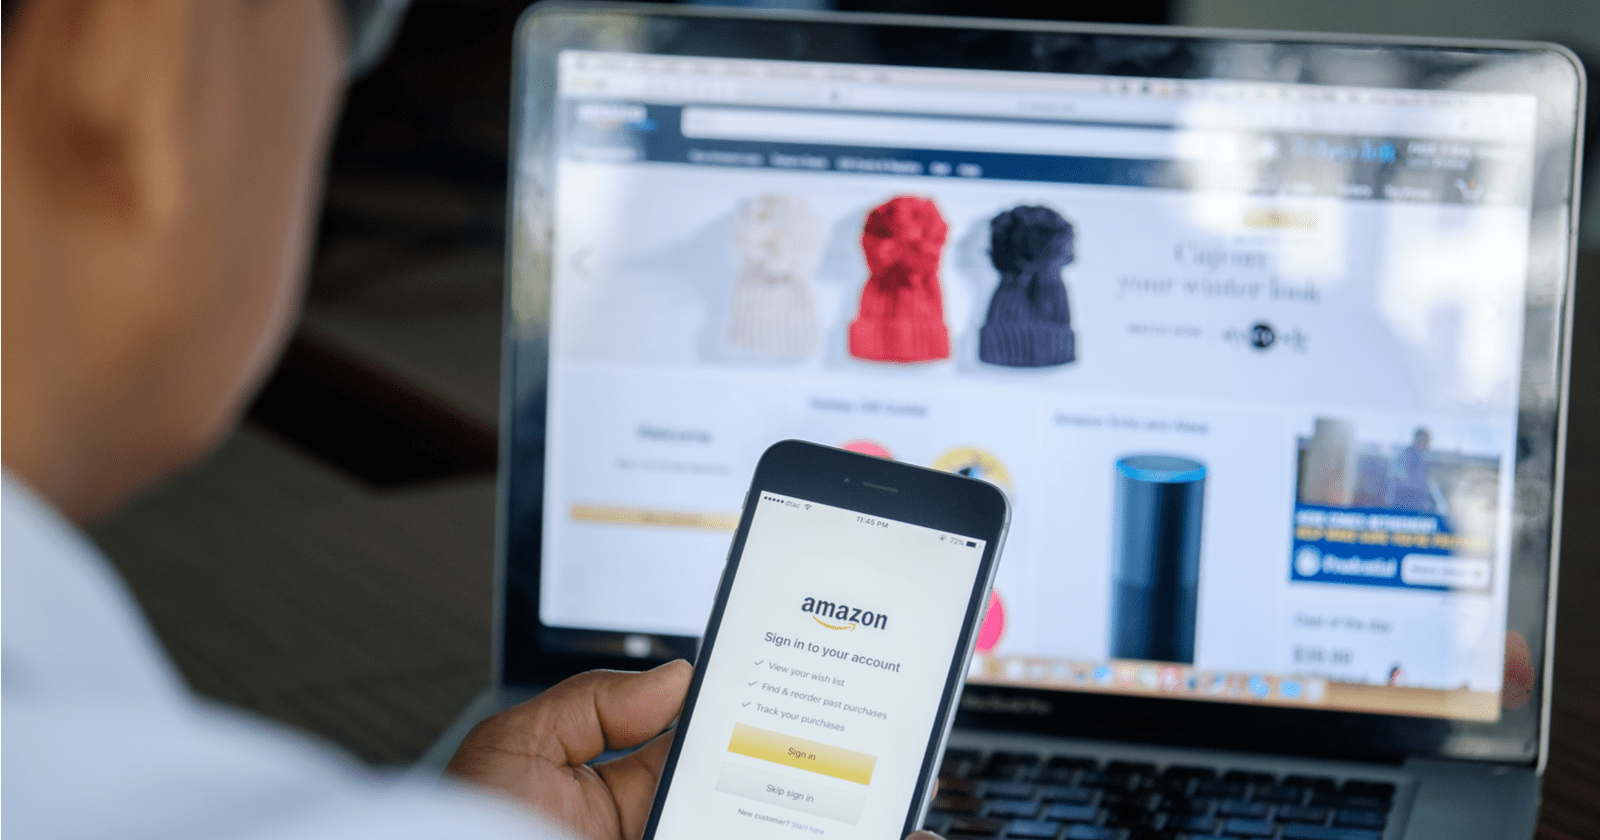 Chiến lược cung cấp định hướng cho các sản phẩm mới từ Amazon 2